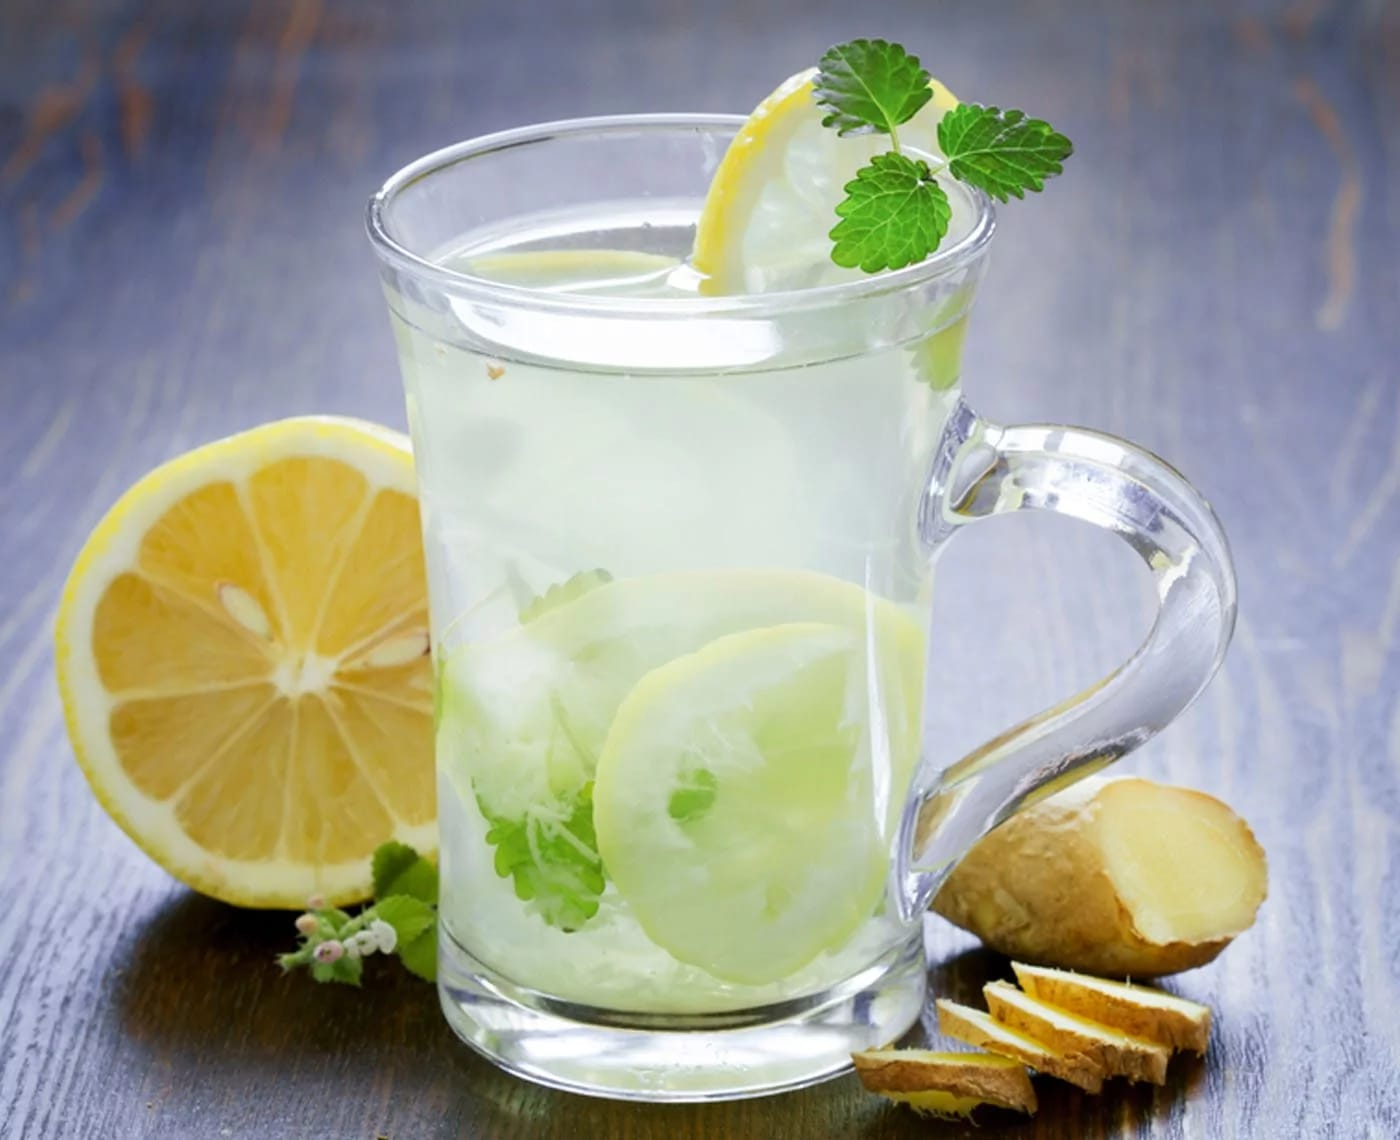 thức uống giải nhiệt mùa hè - soda chanh dưa chuột